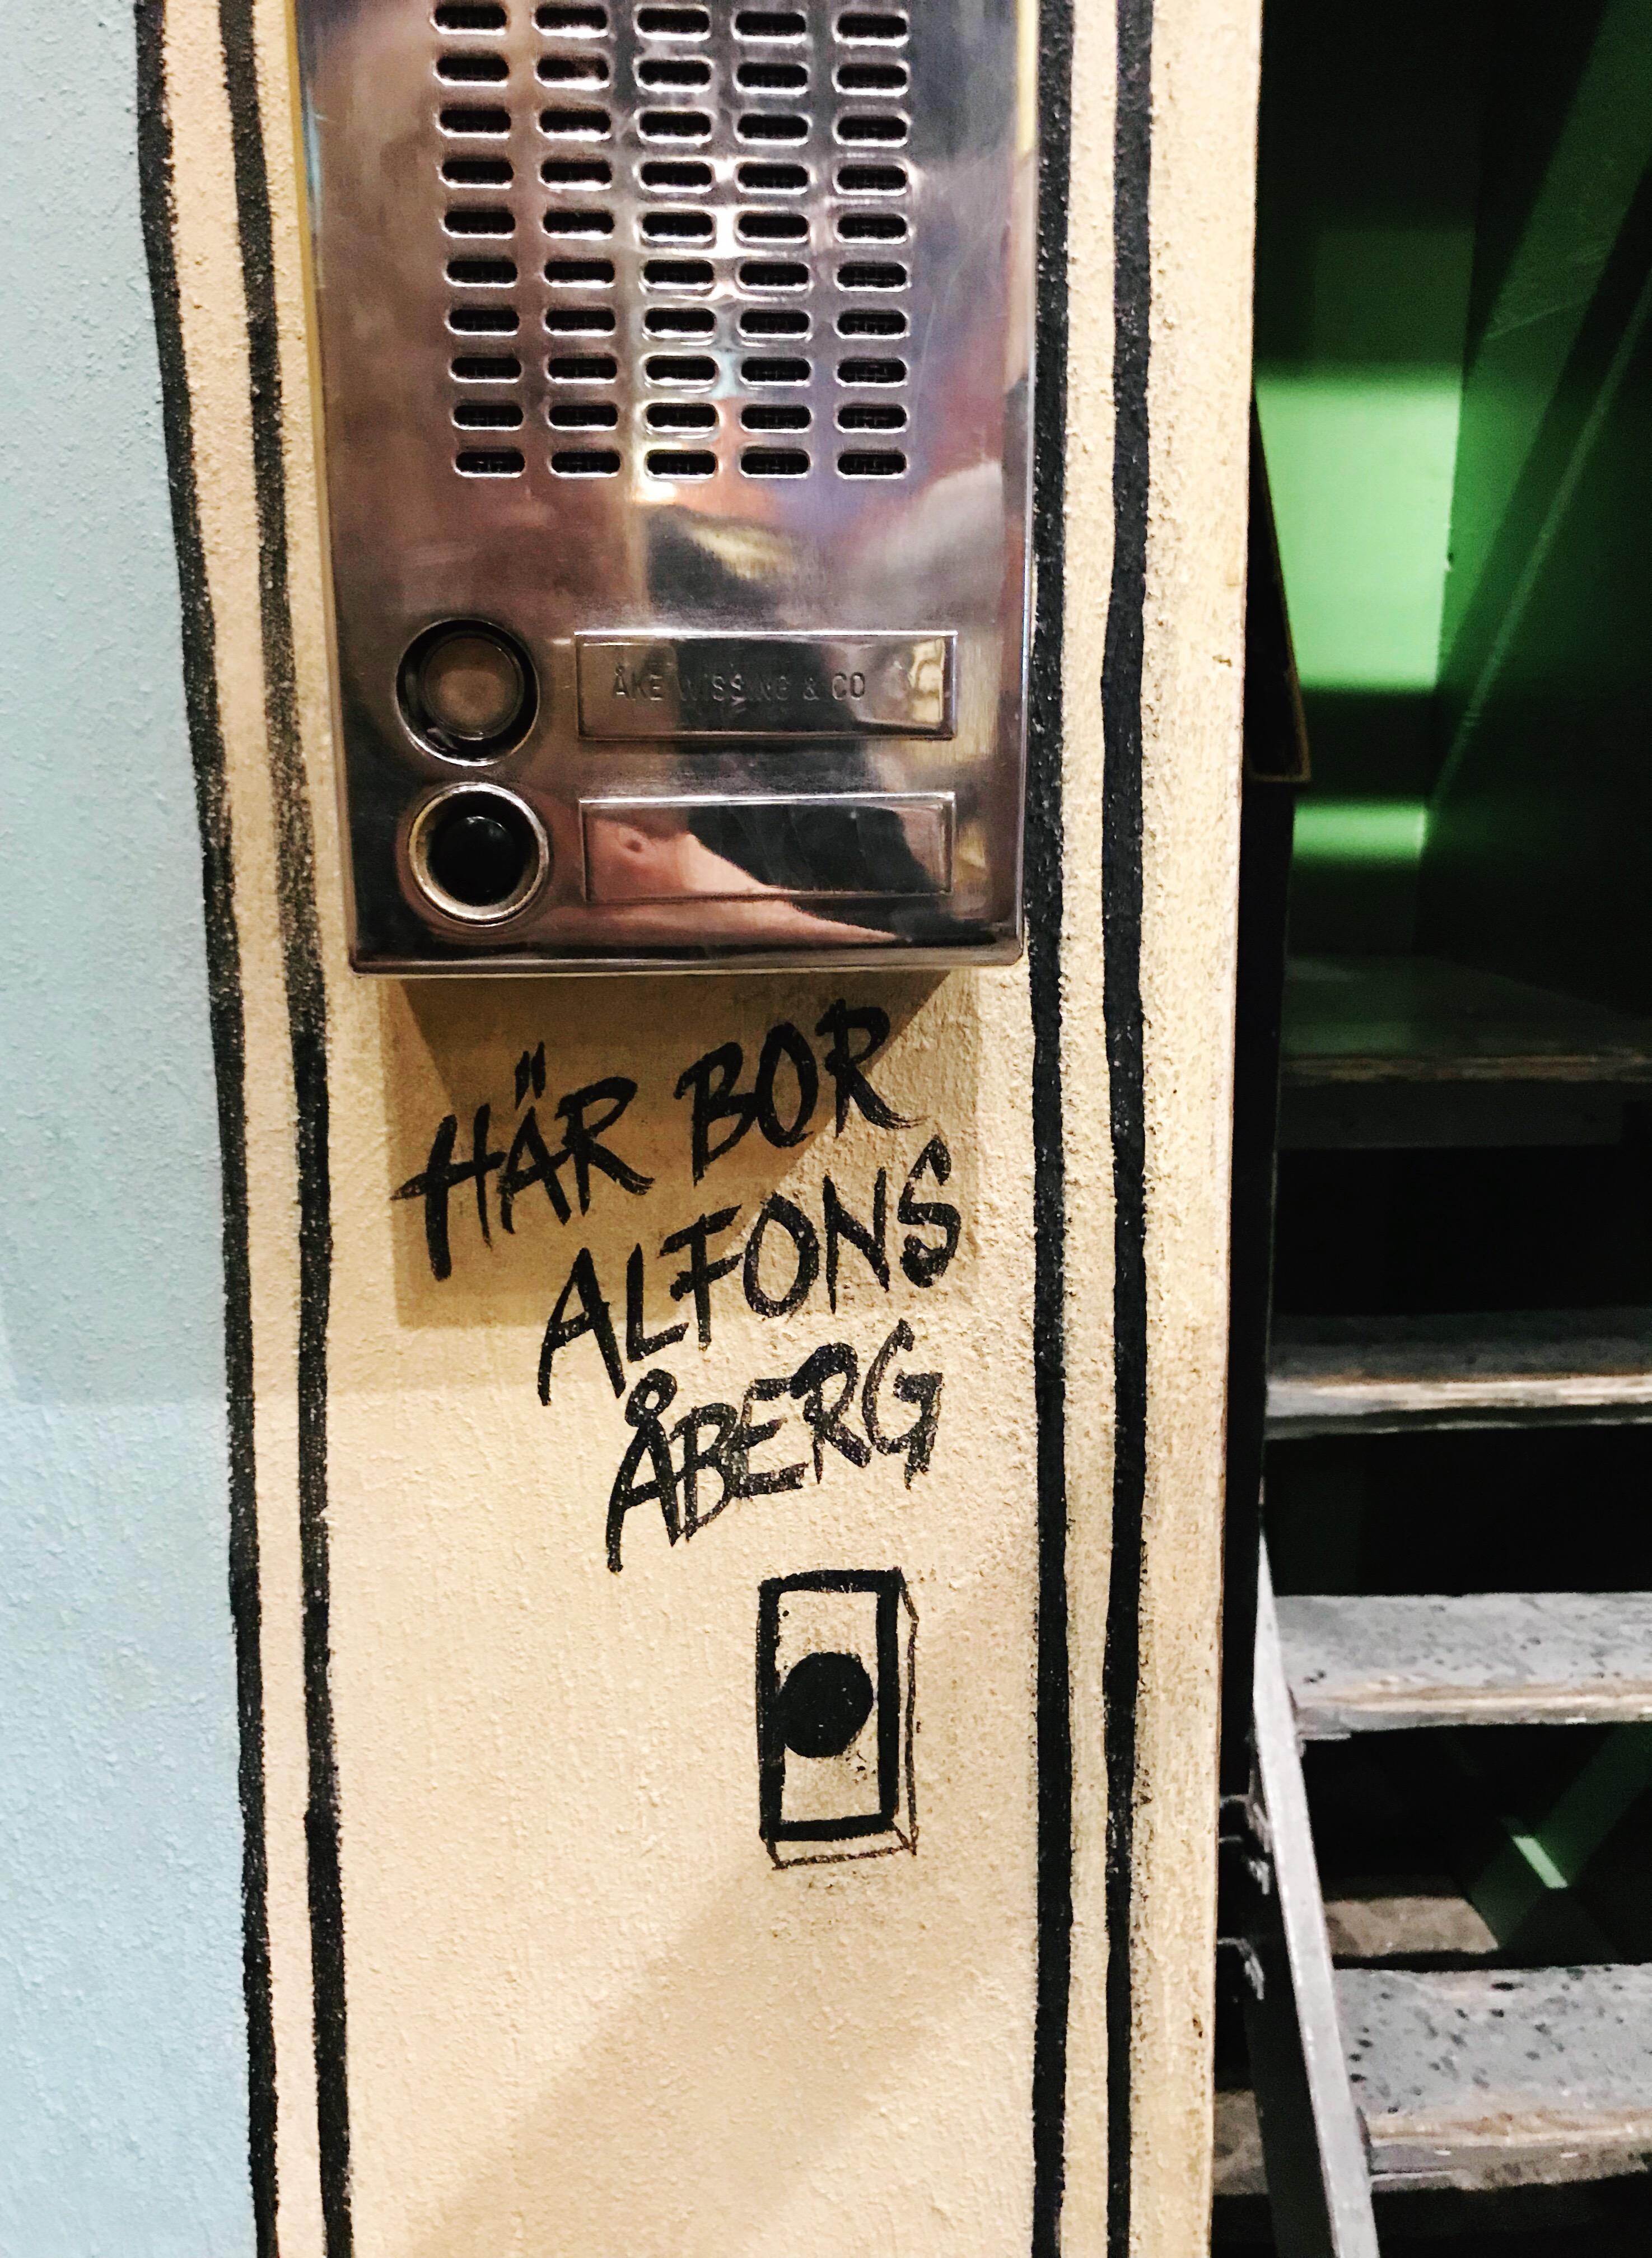 Här bor Alfons Åberg